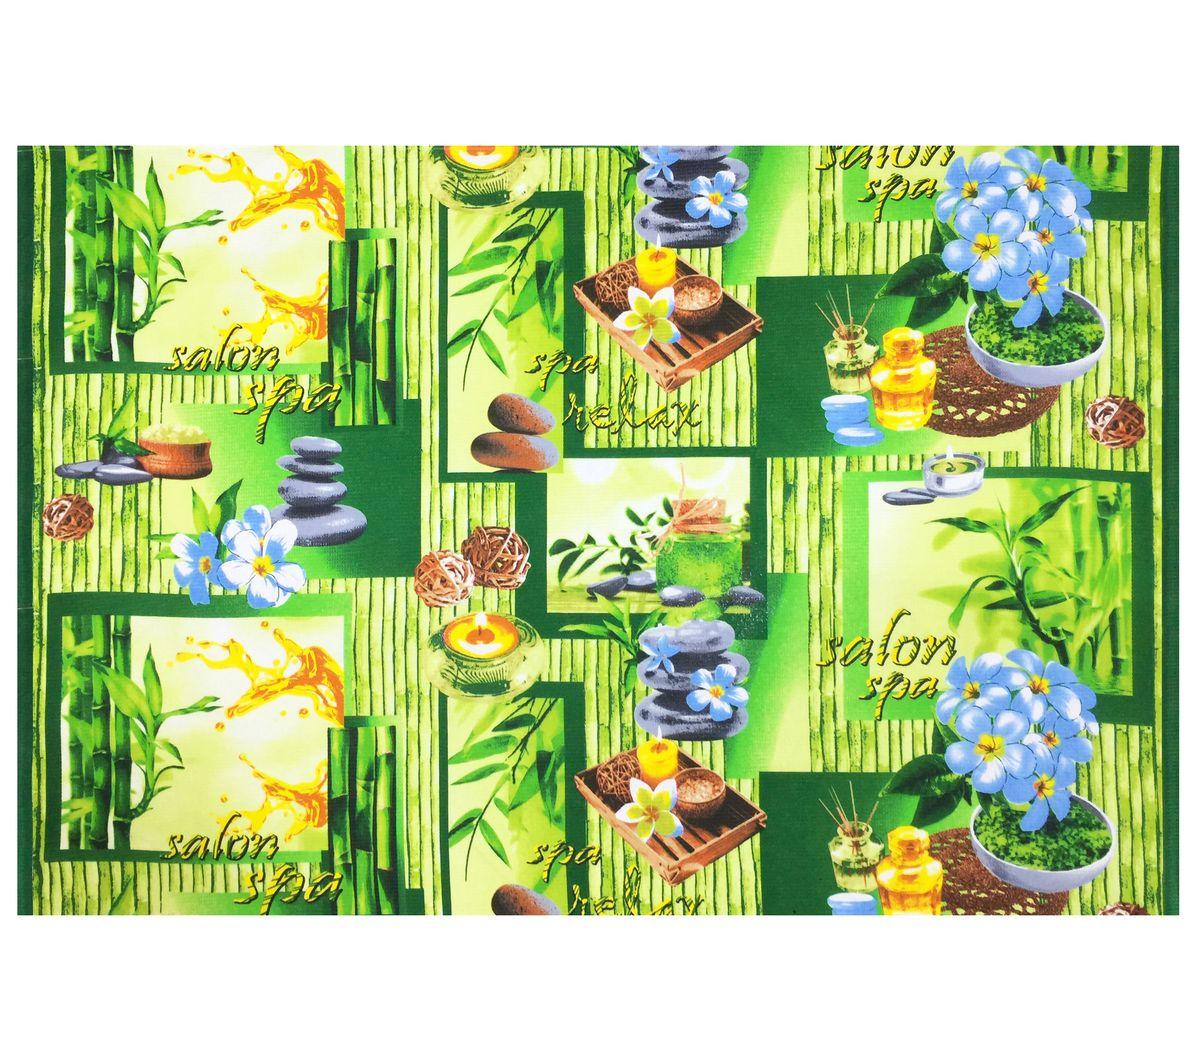 Полотенце вафельное пляжное 80*150 см (Спа, зеленый)